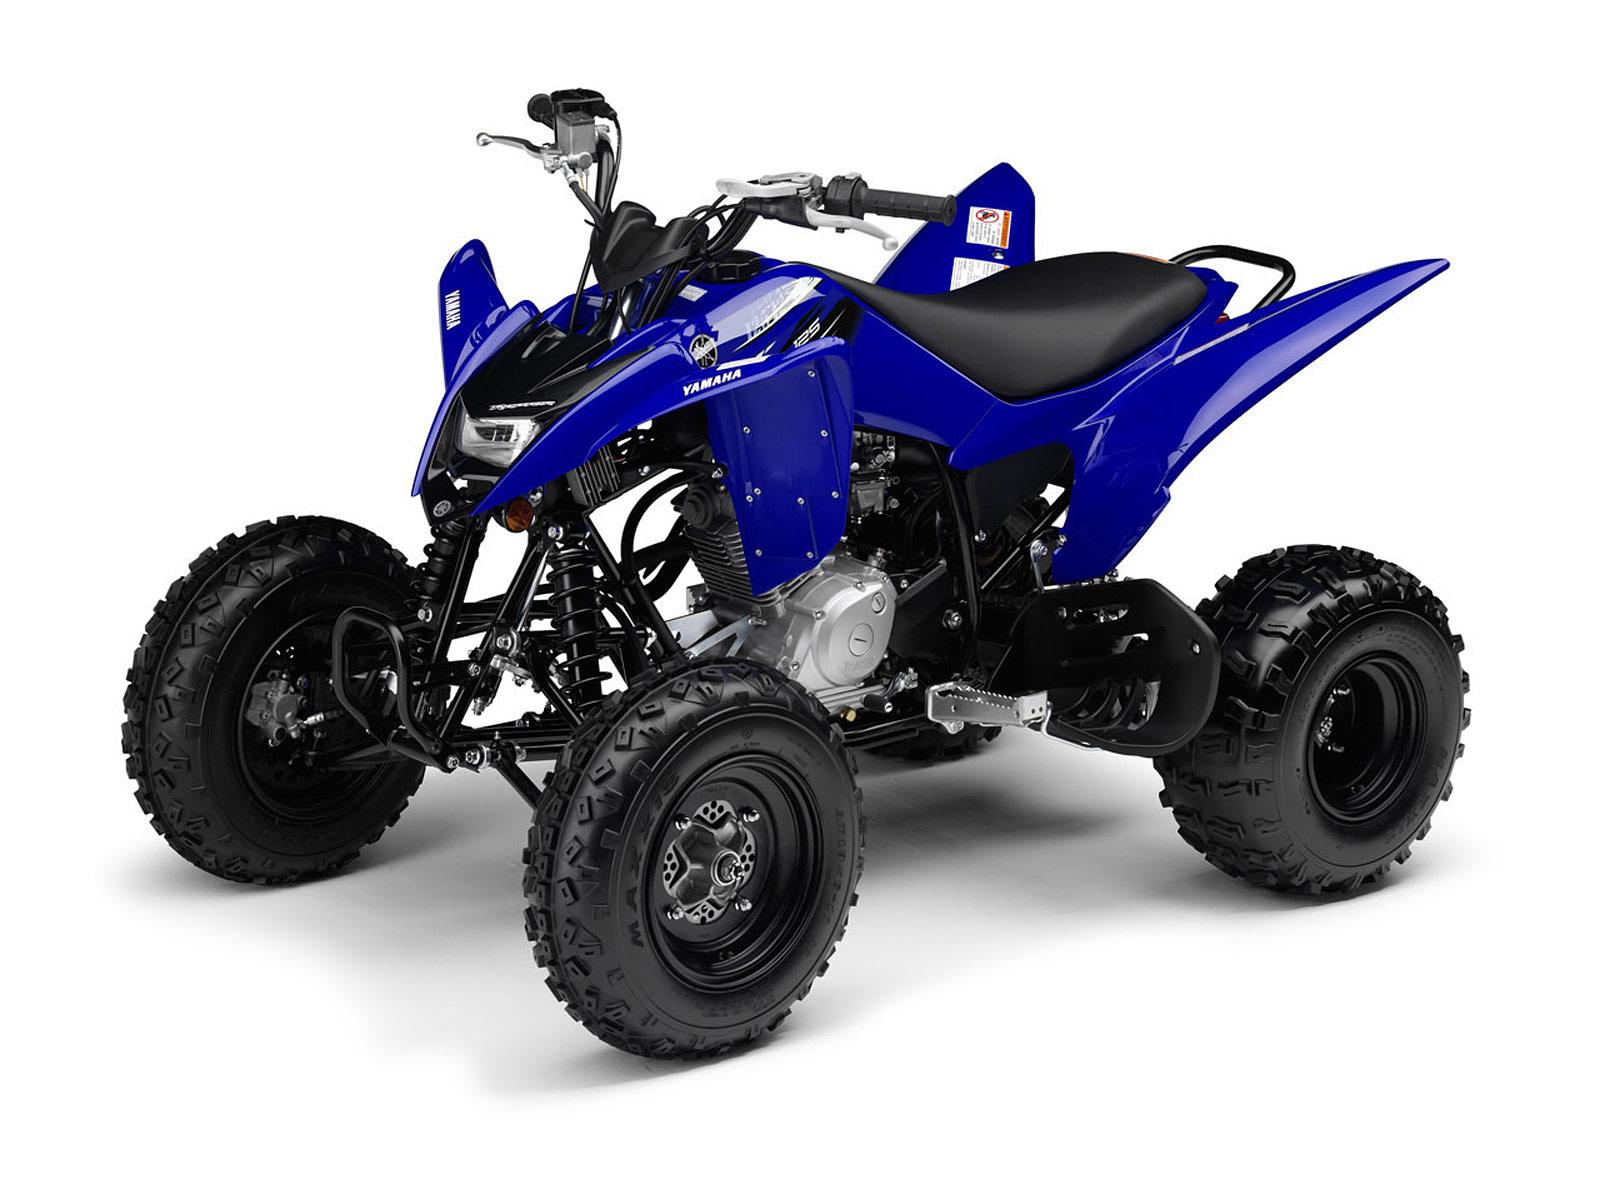 Quad 125 Yamaha : yamaha insurance information 2012 raptor 125 atv pictures ~ Nature-et-papiers.com Idées de Décoration